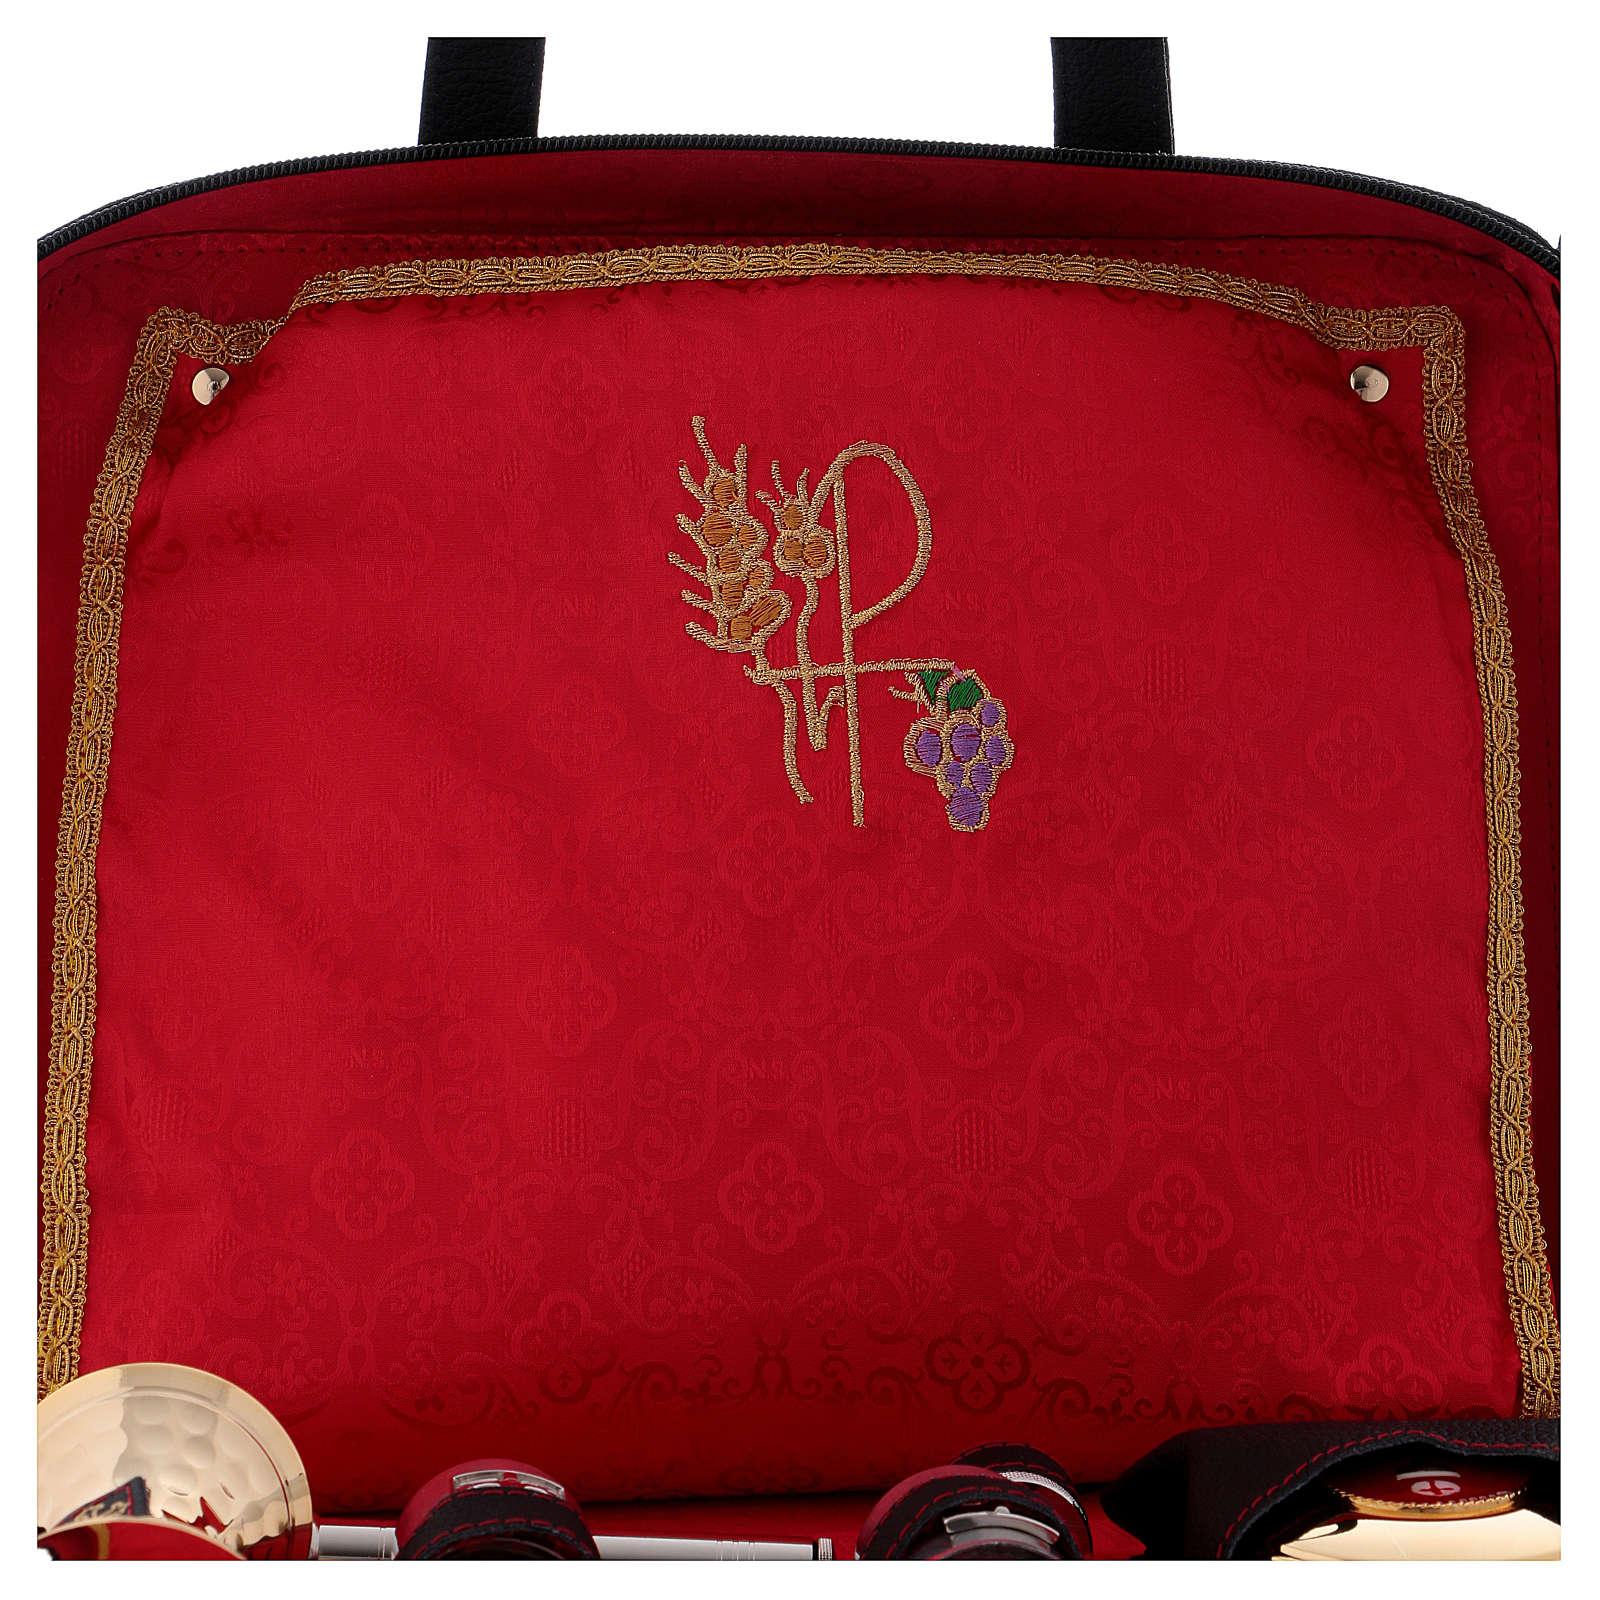 Mallette sacoche pour célébrations en cuir véritable et satin rouge 3